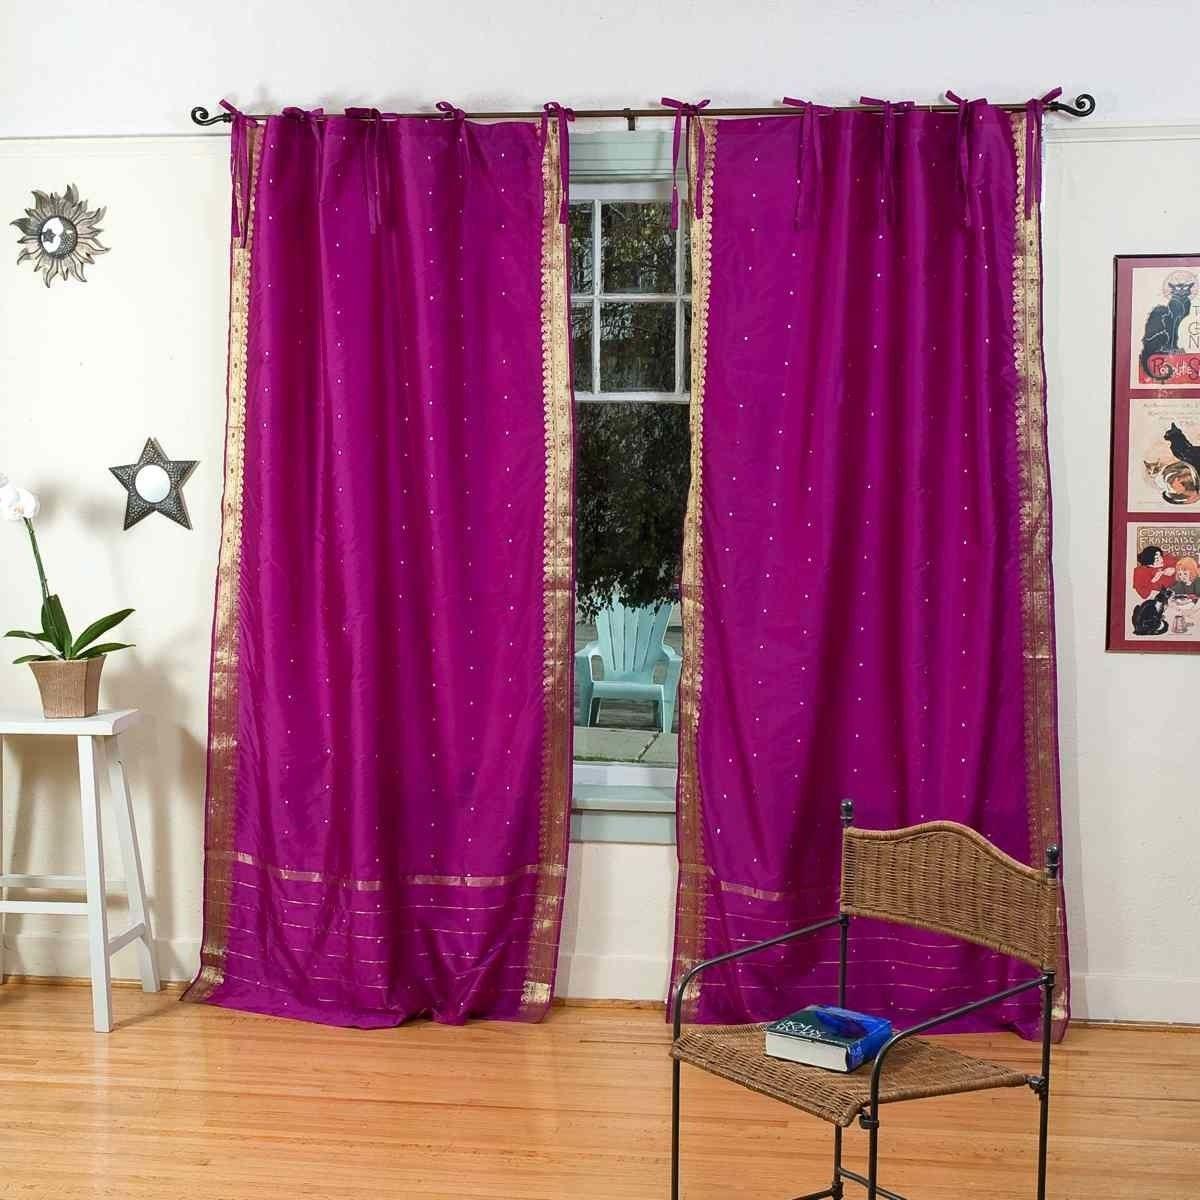 Violet Red Tie Top Sheer Sari Curtain Drape Panel Pair